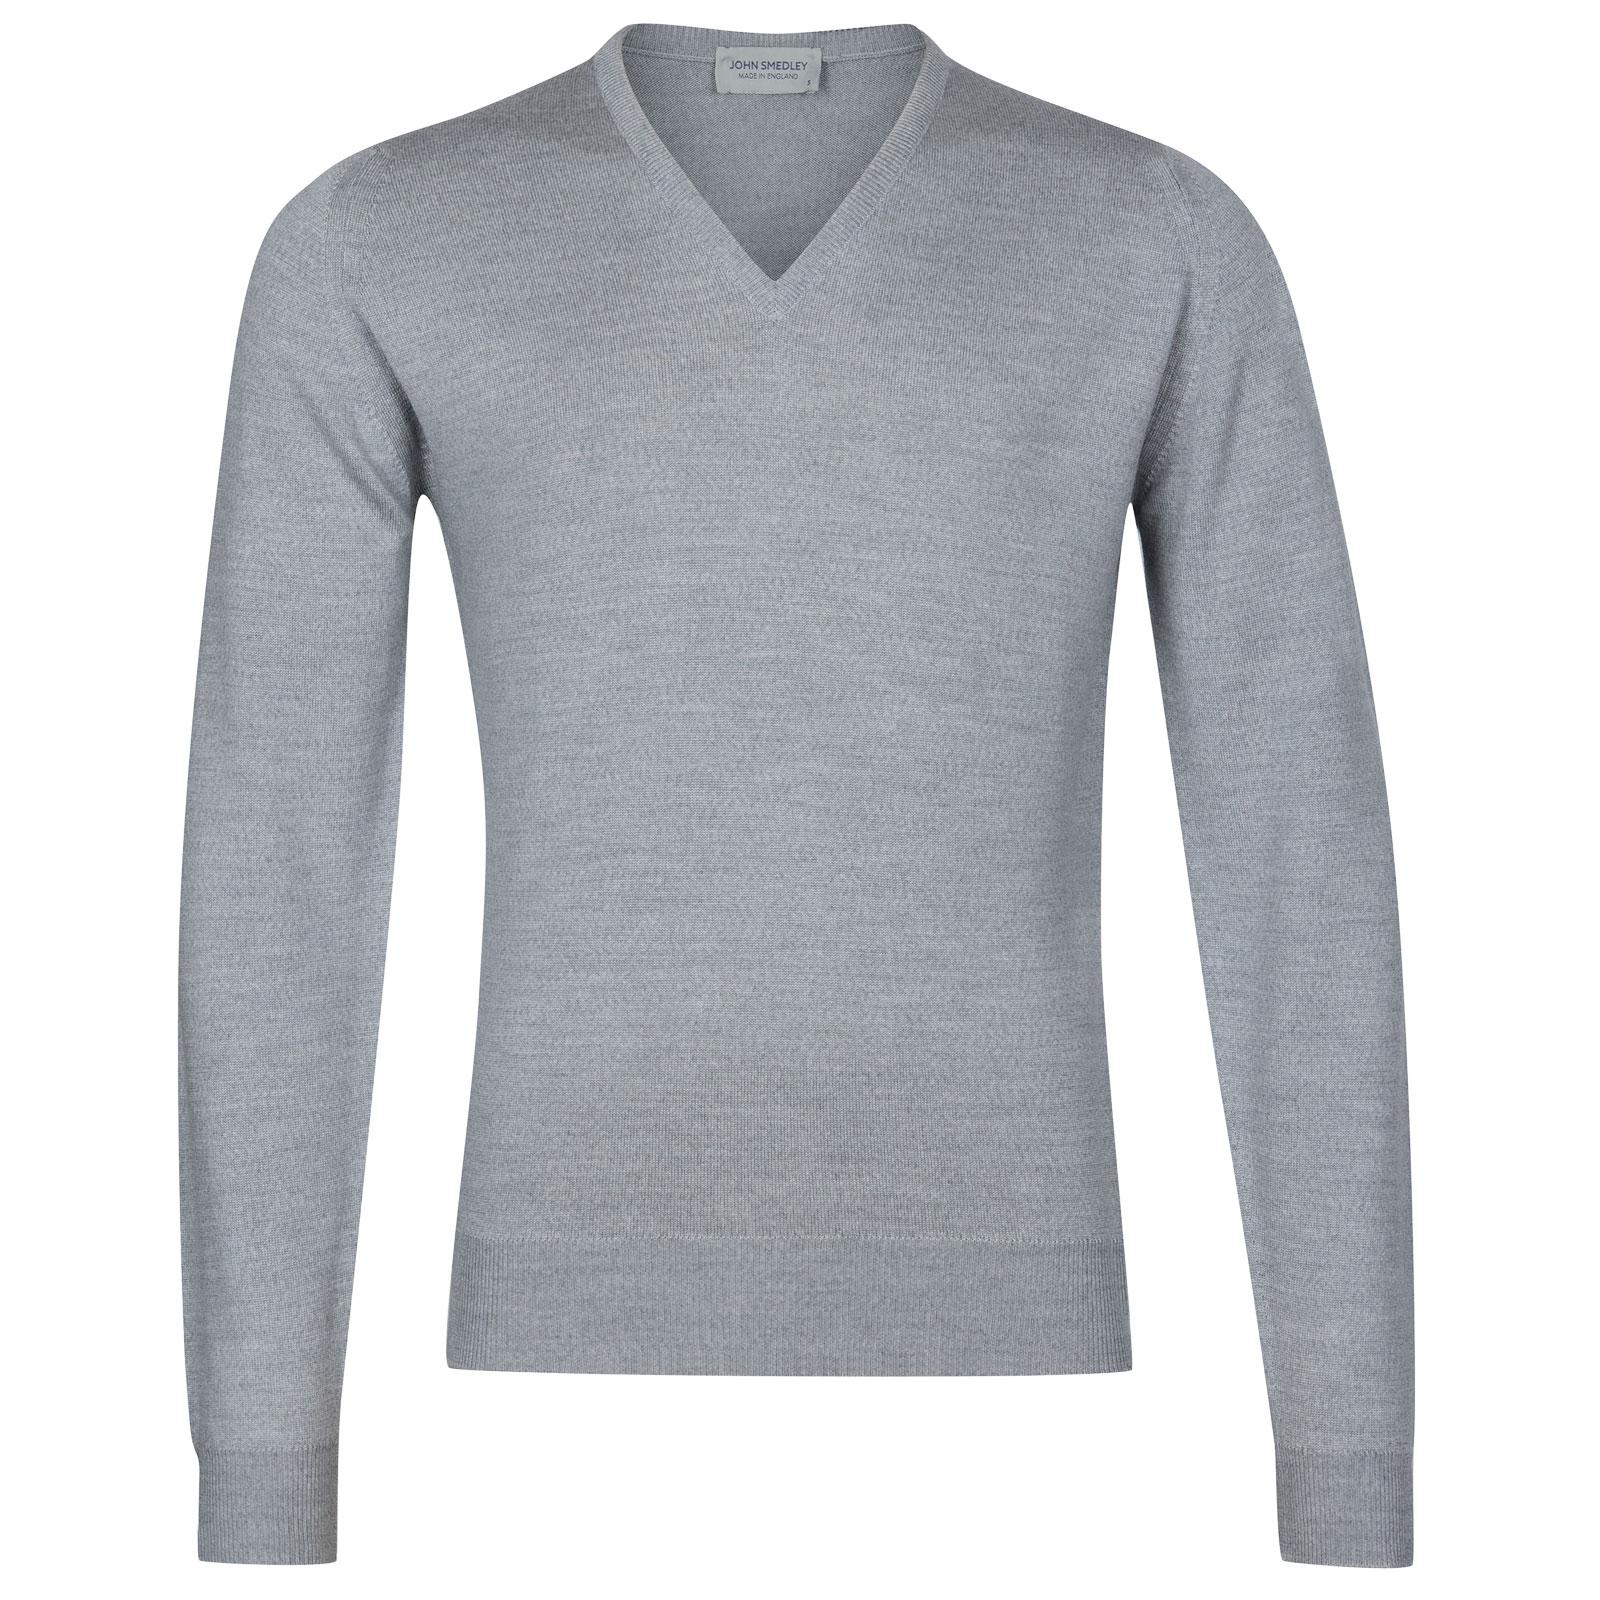 John Smedley Riber Merino Wool Pullover in Bardot Grey-L